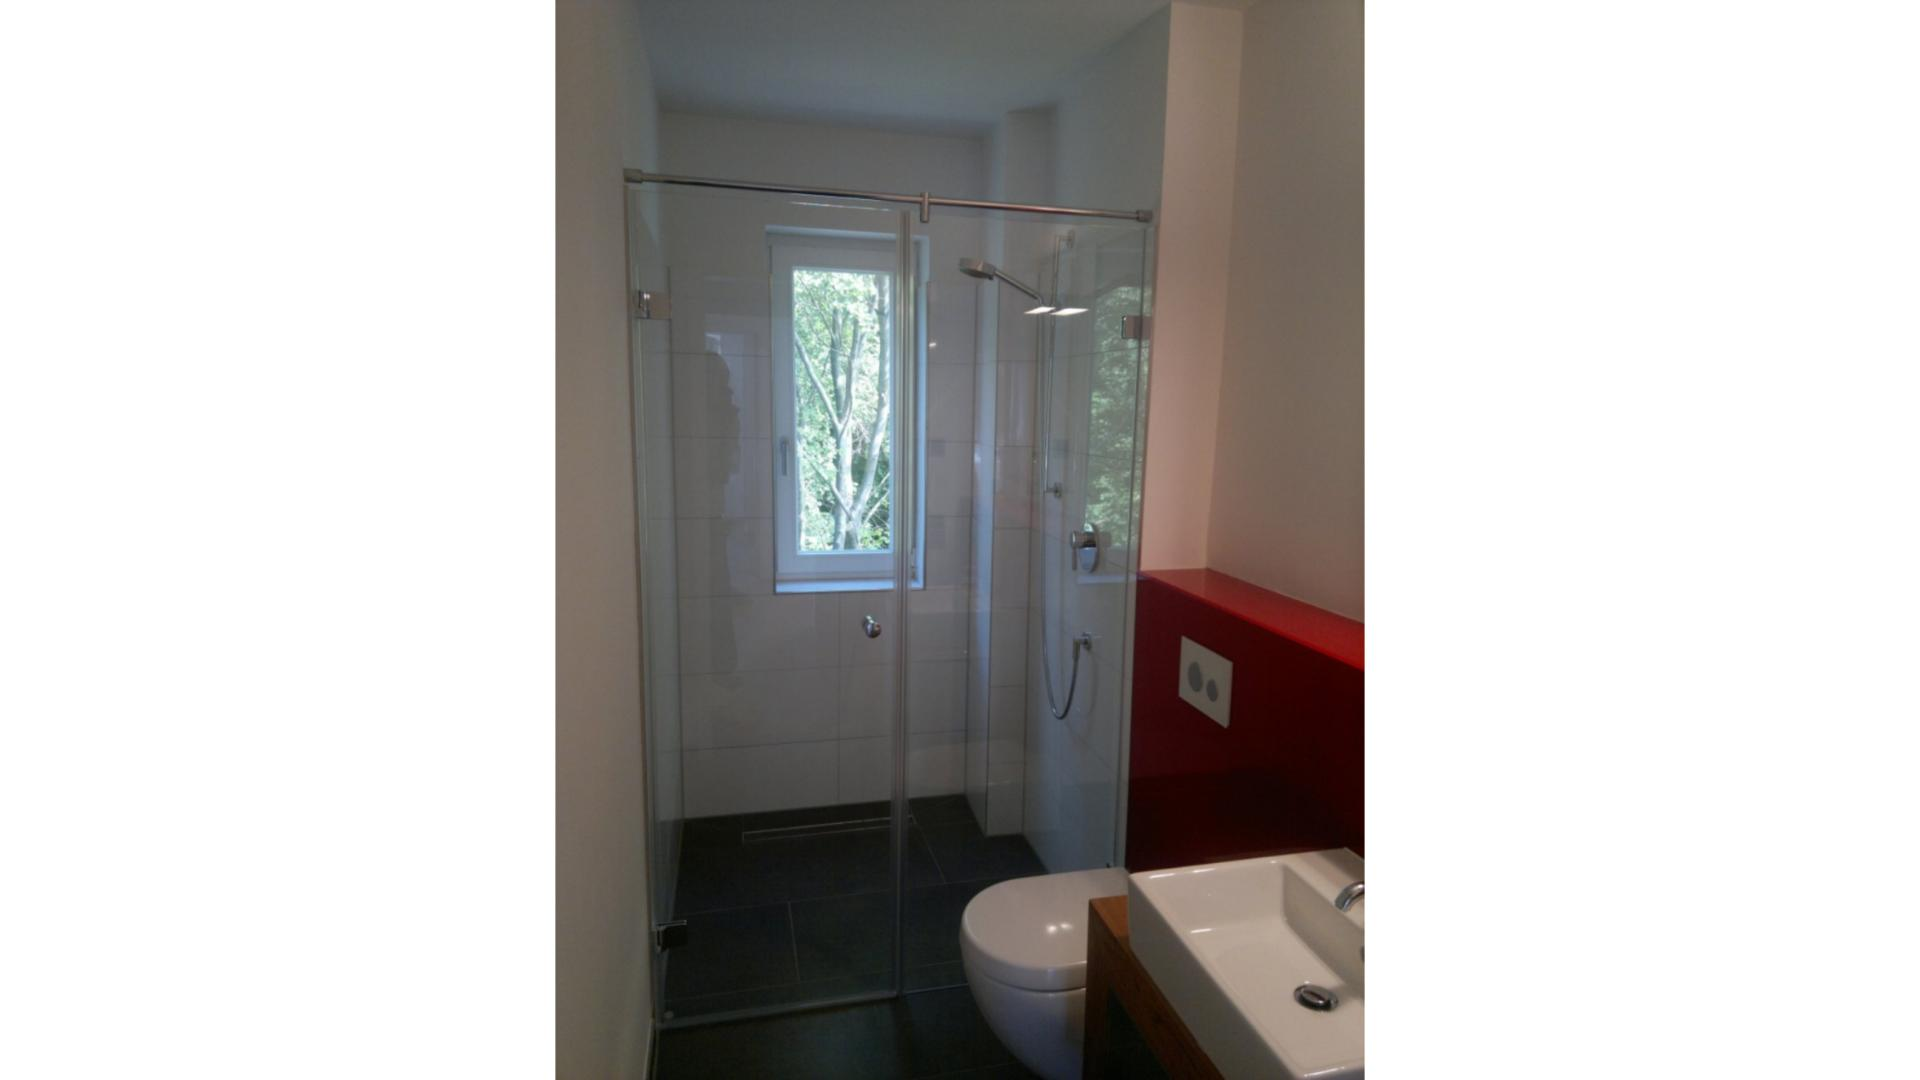 Dusche mit Glastür in einem schmalen Badezimmer